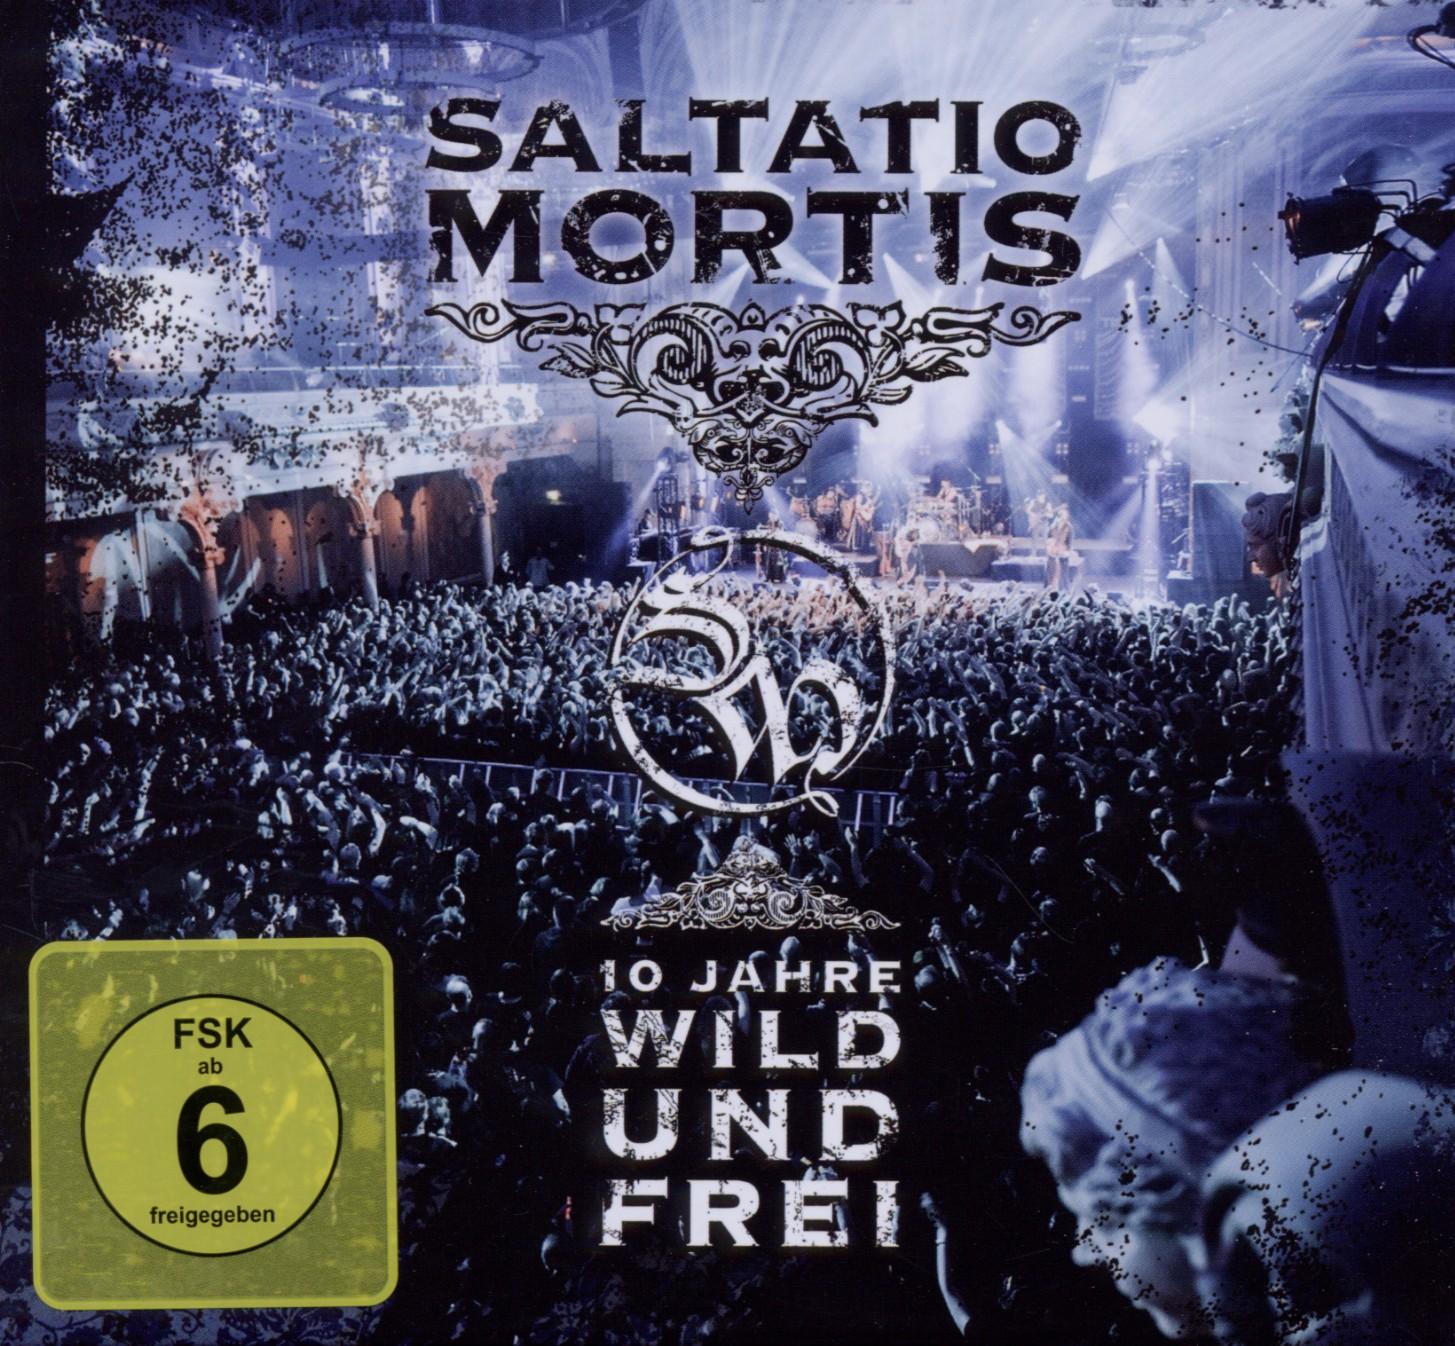 10 Jahre Wild Und Frei von Saltatio Mortis - CD + DVD Video jetzt im Saltatio Mortis Shop